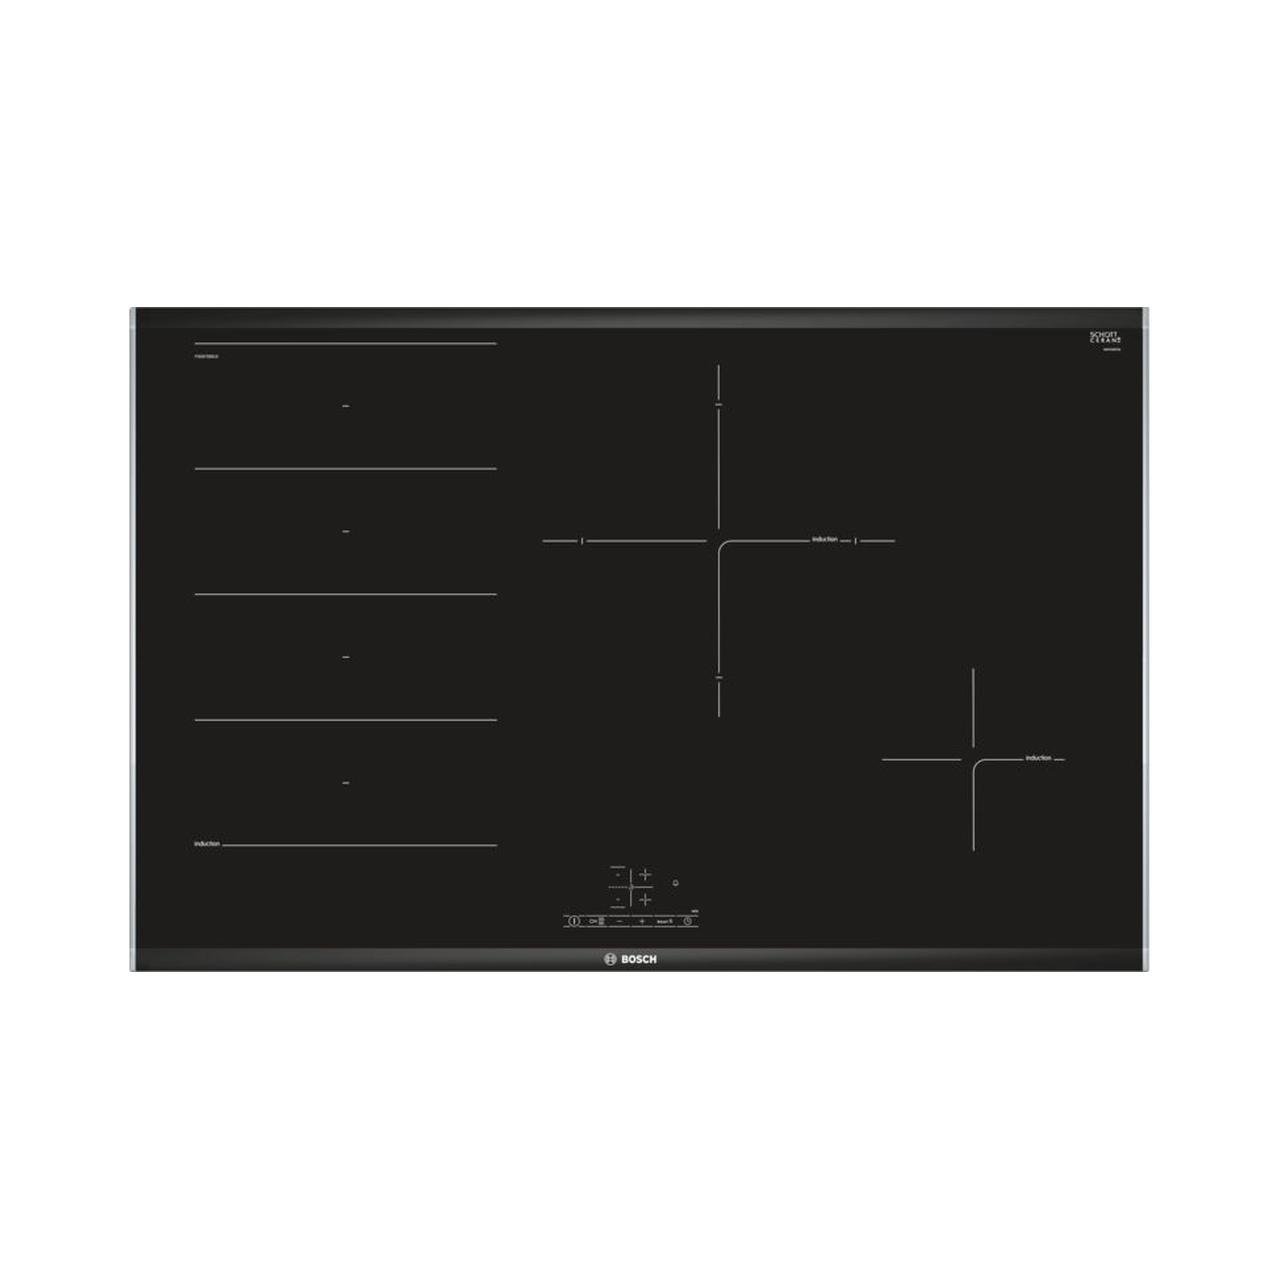 Bếp từ BOSCH PXE875BB1E serie 4 - Dcab kitchen